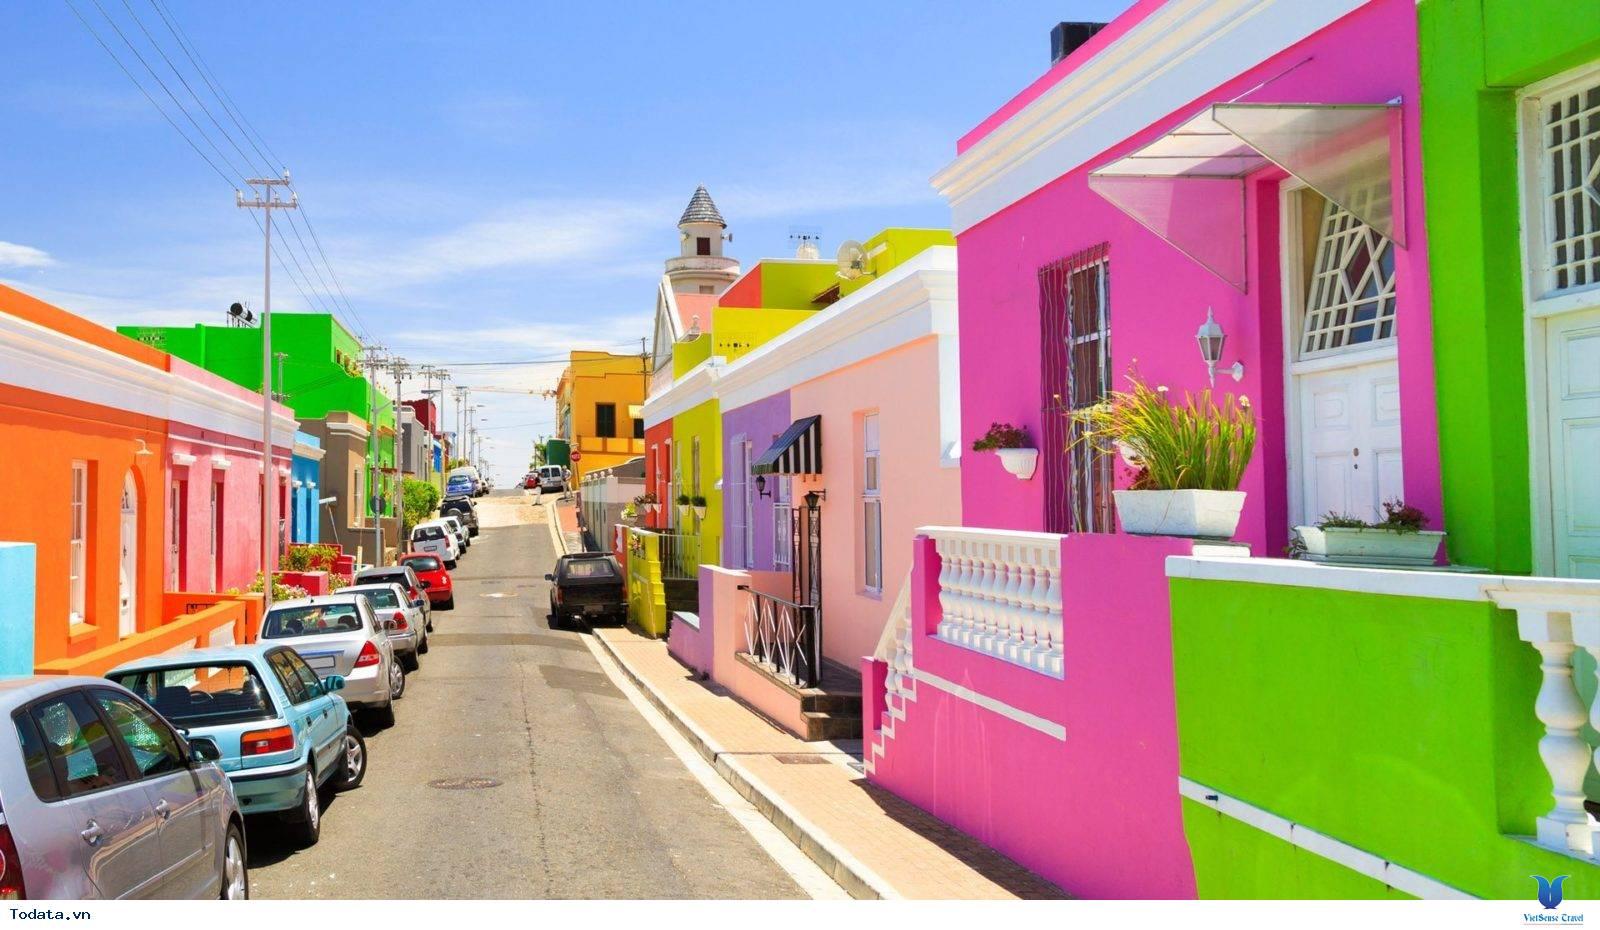 7 Lý Do Khiến Bạn Muốn Lên Lịch Hẹn Với Nam Phi Ngay Hè Này - Ảnh 9